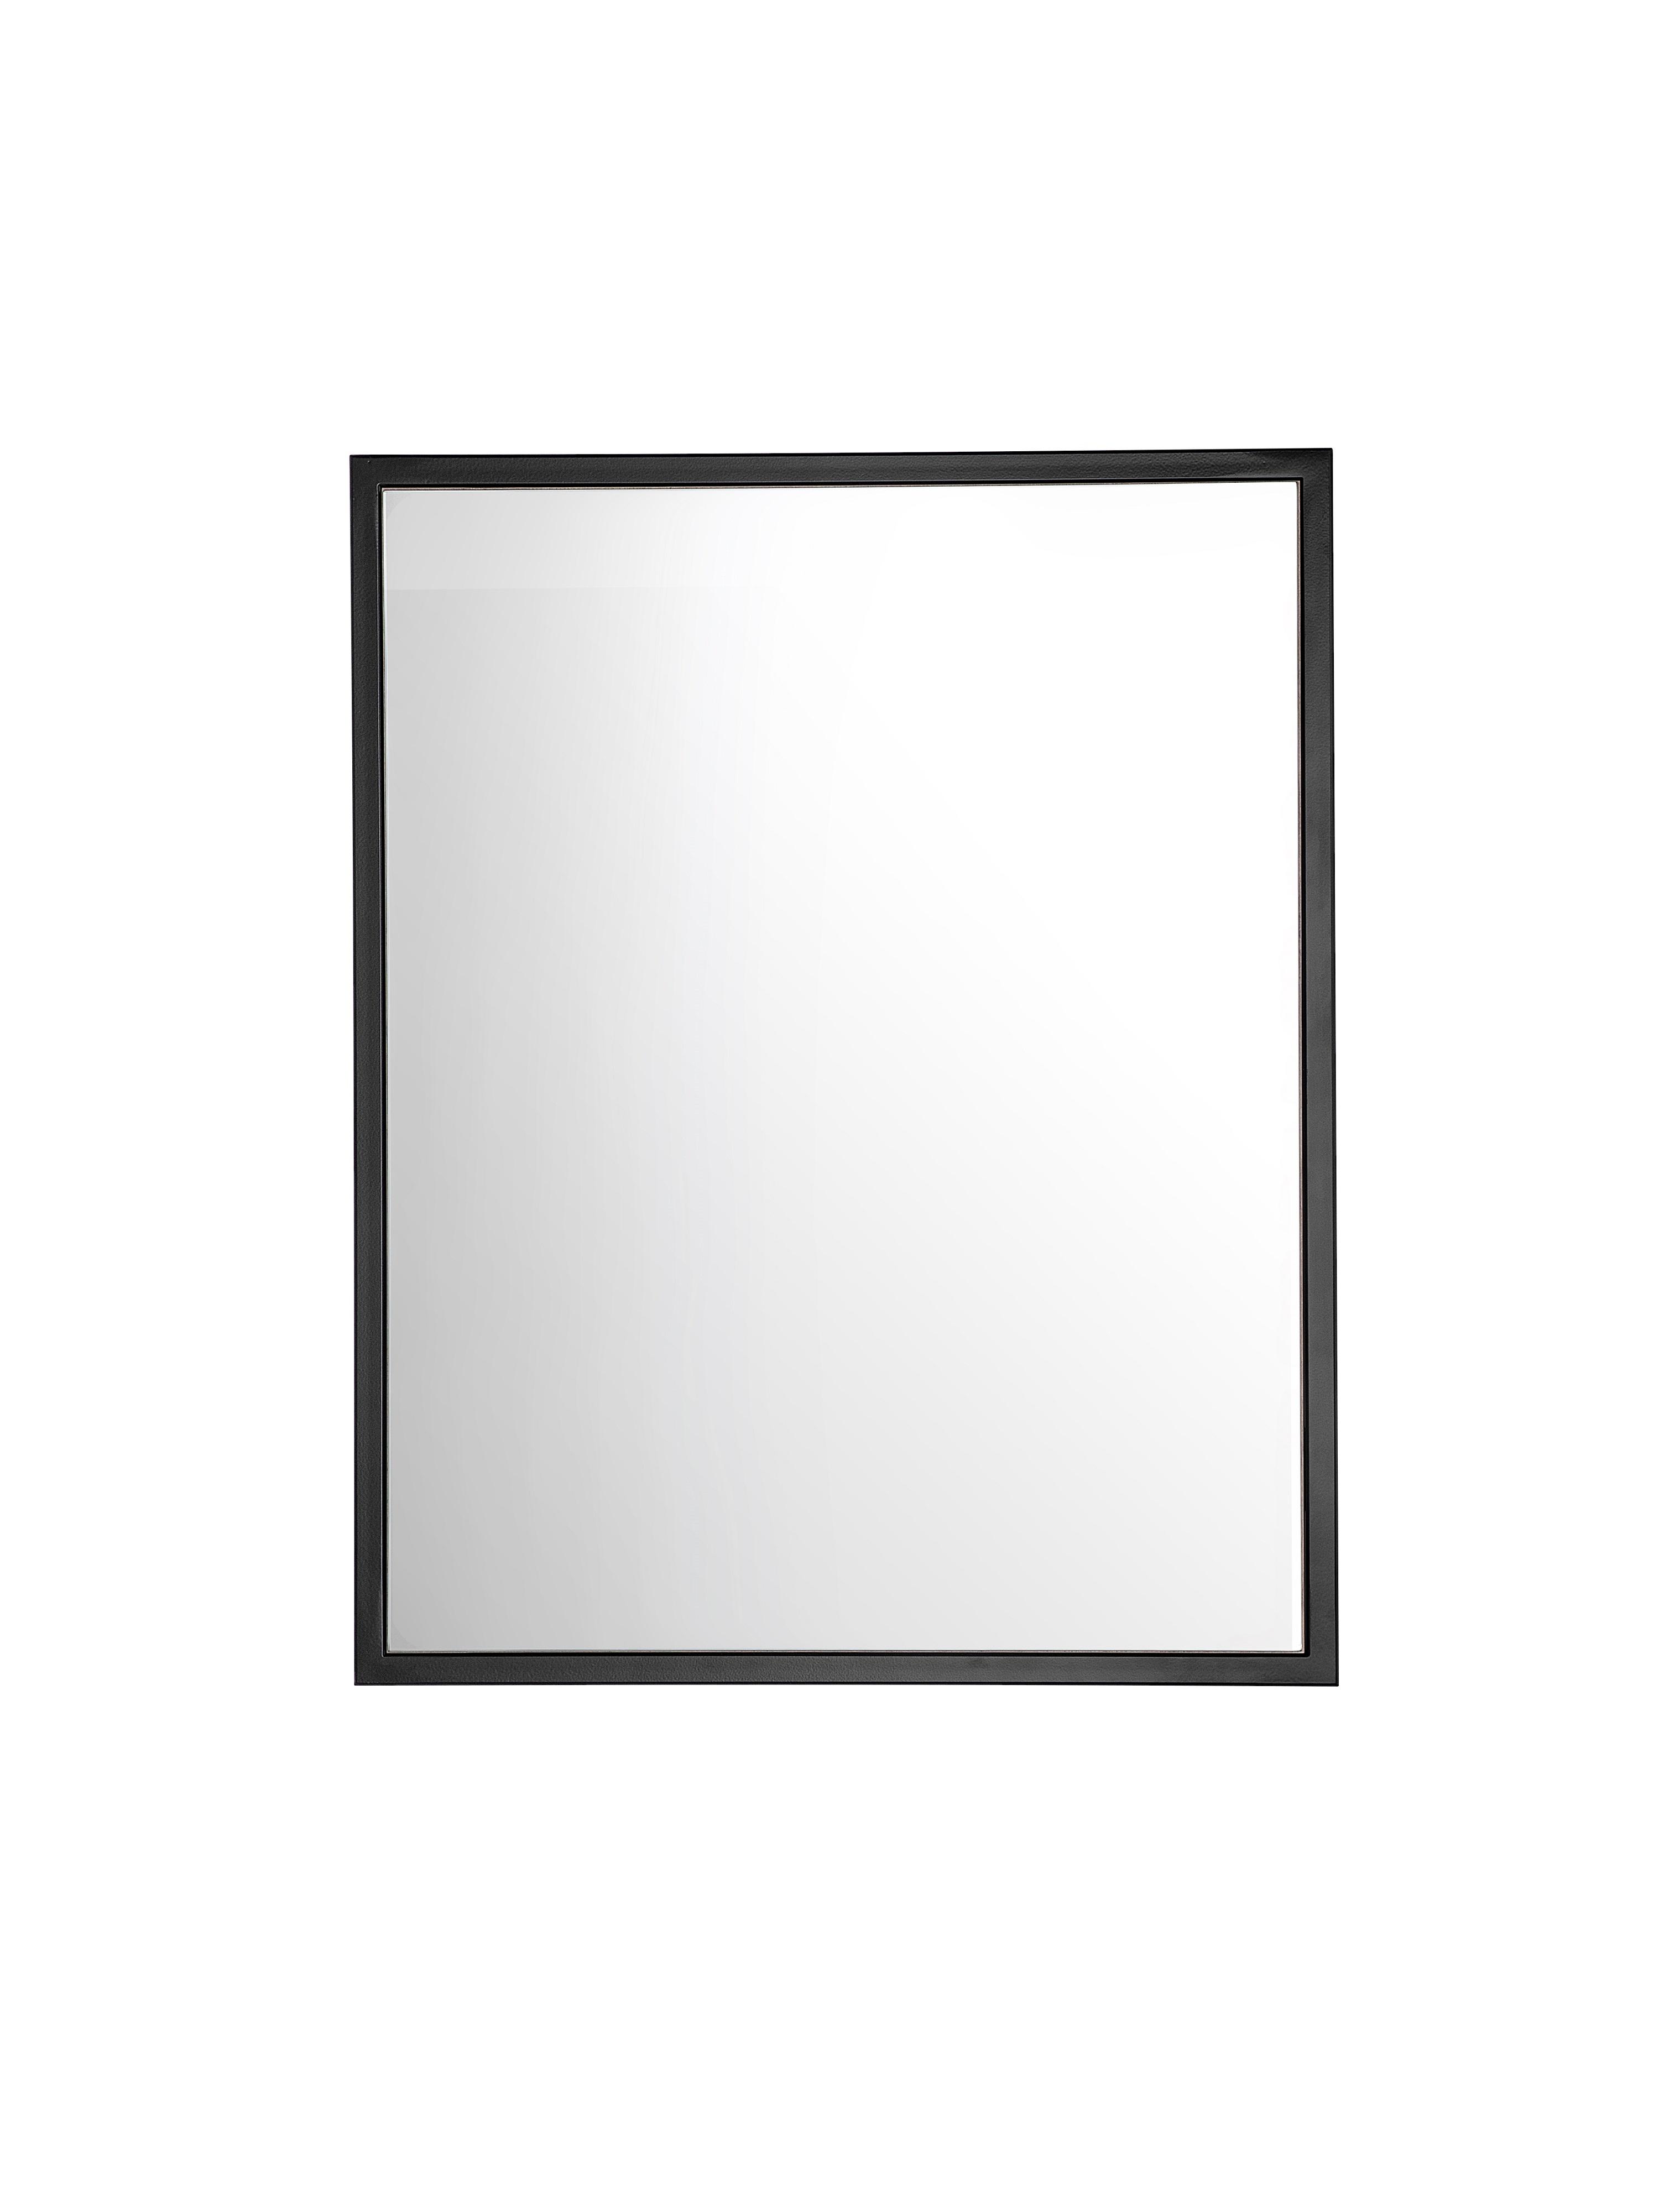 Oglinda pentru baie, L75xl60 cm, Brooklin poza